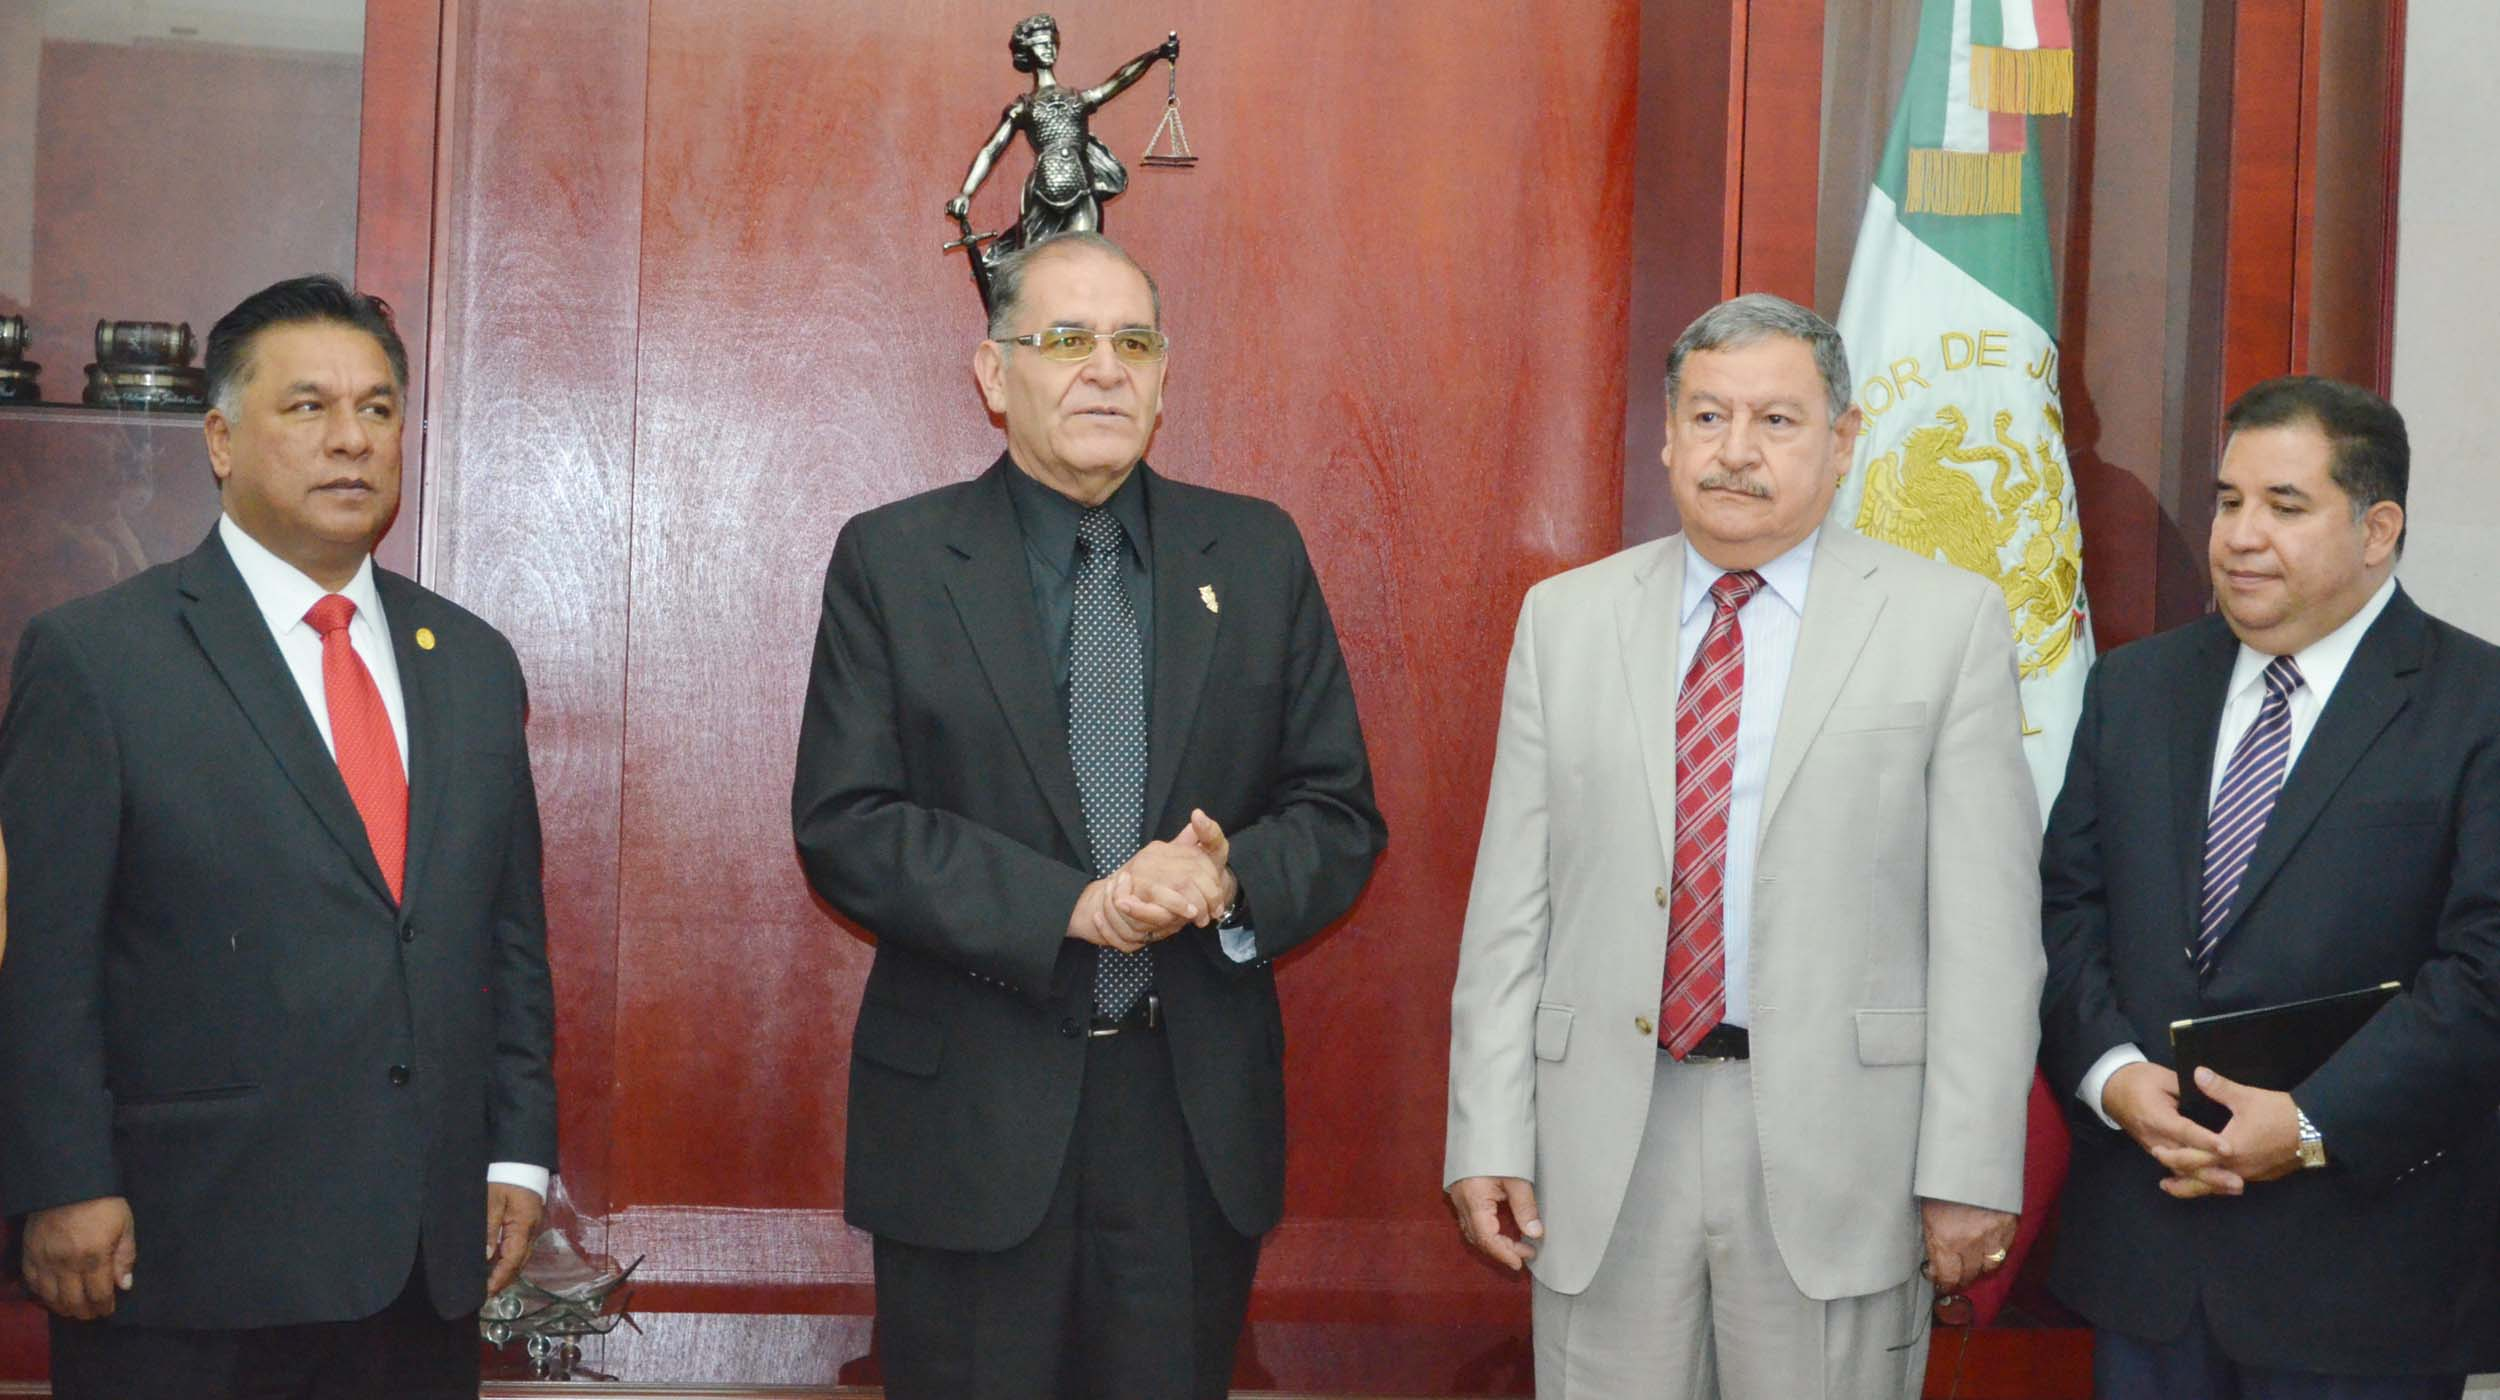 Dr. Esteban Calderón Rosas nuevo presidente del Poder Judicial del Estado de Durango